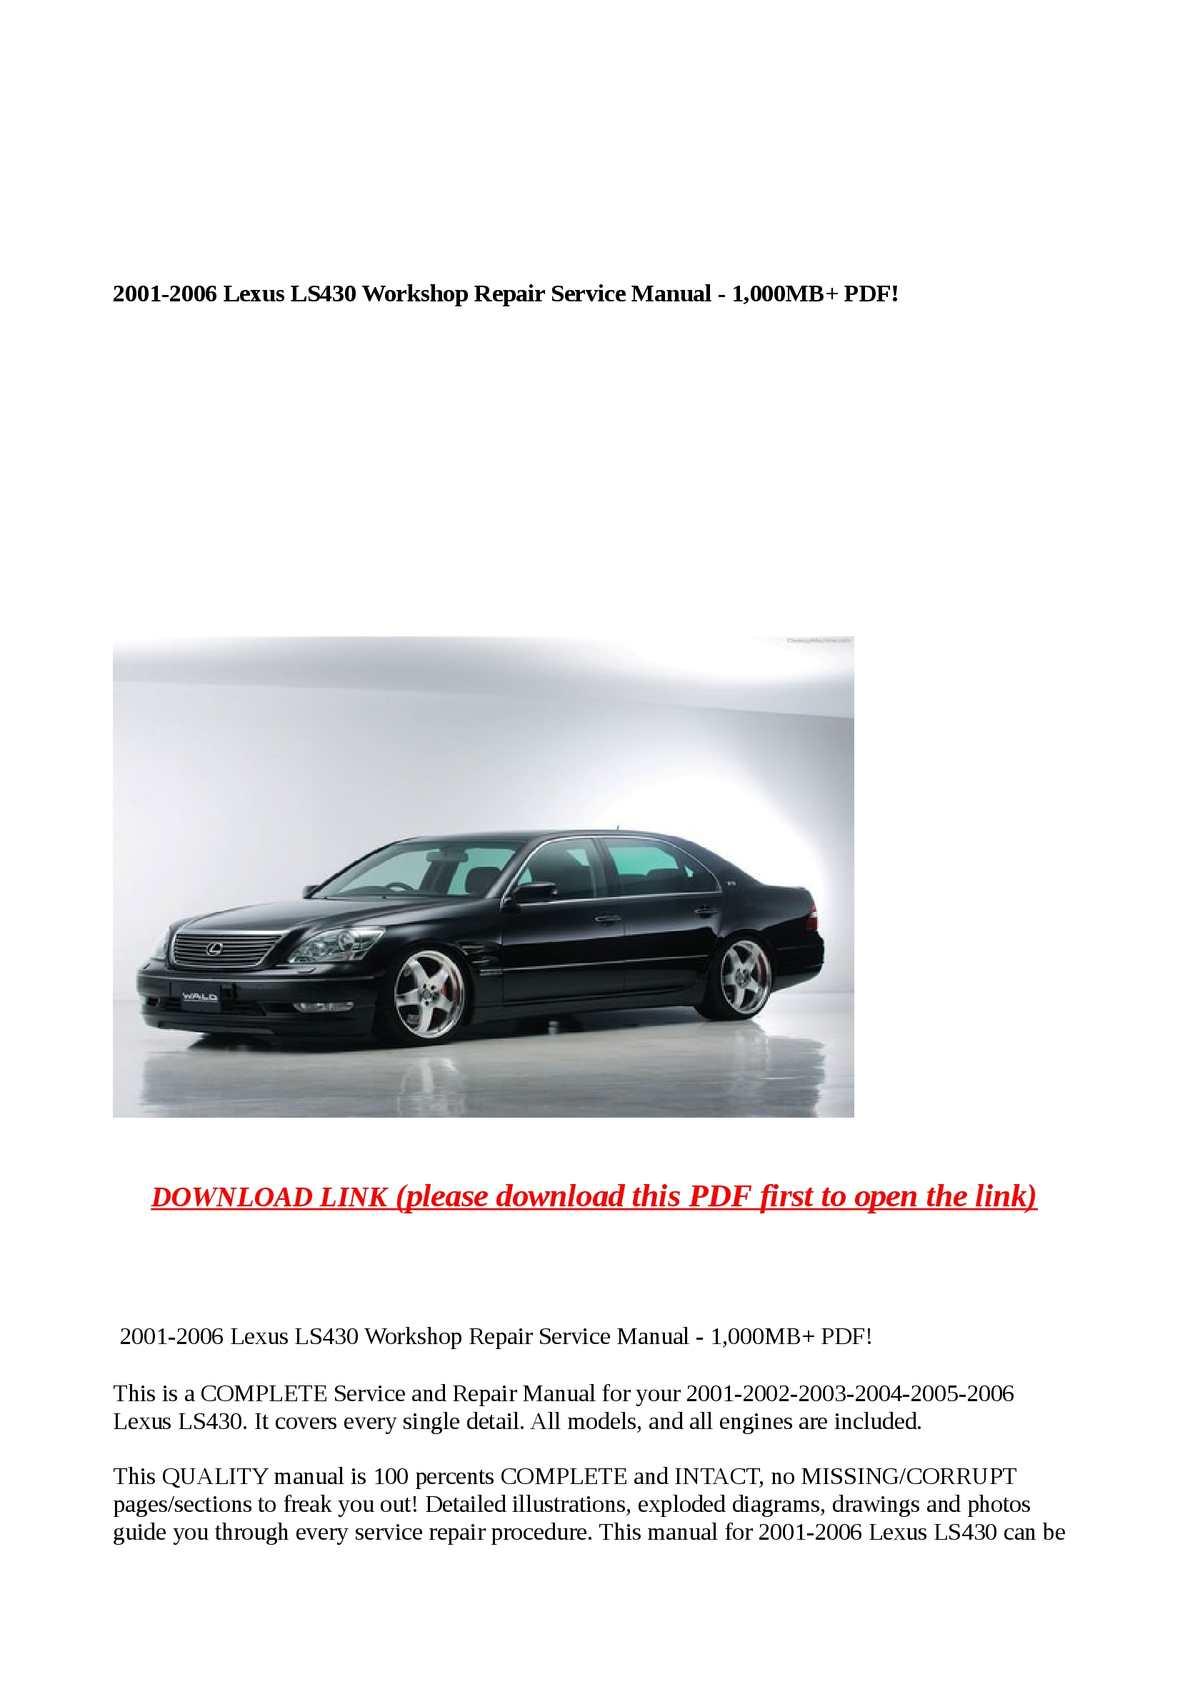 2001 lexus ls430 repair manual